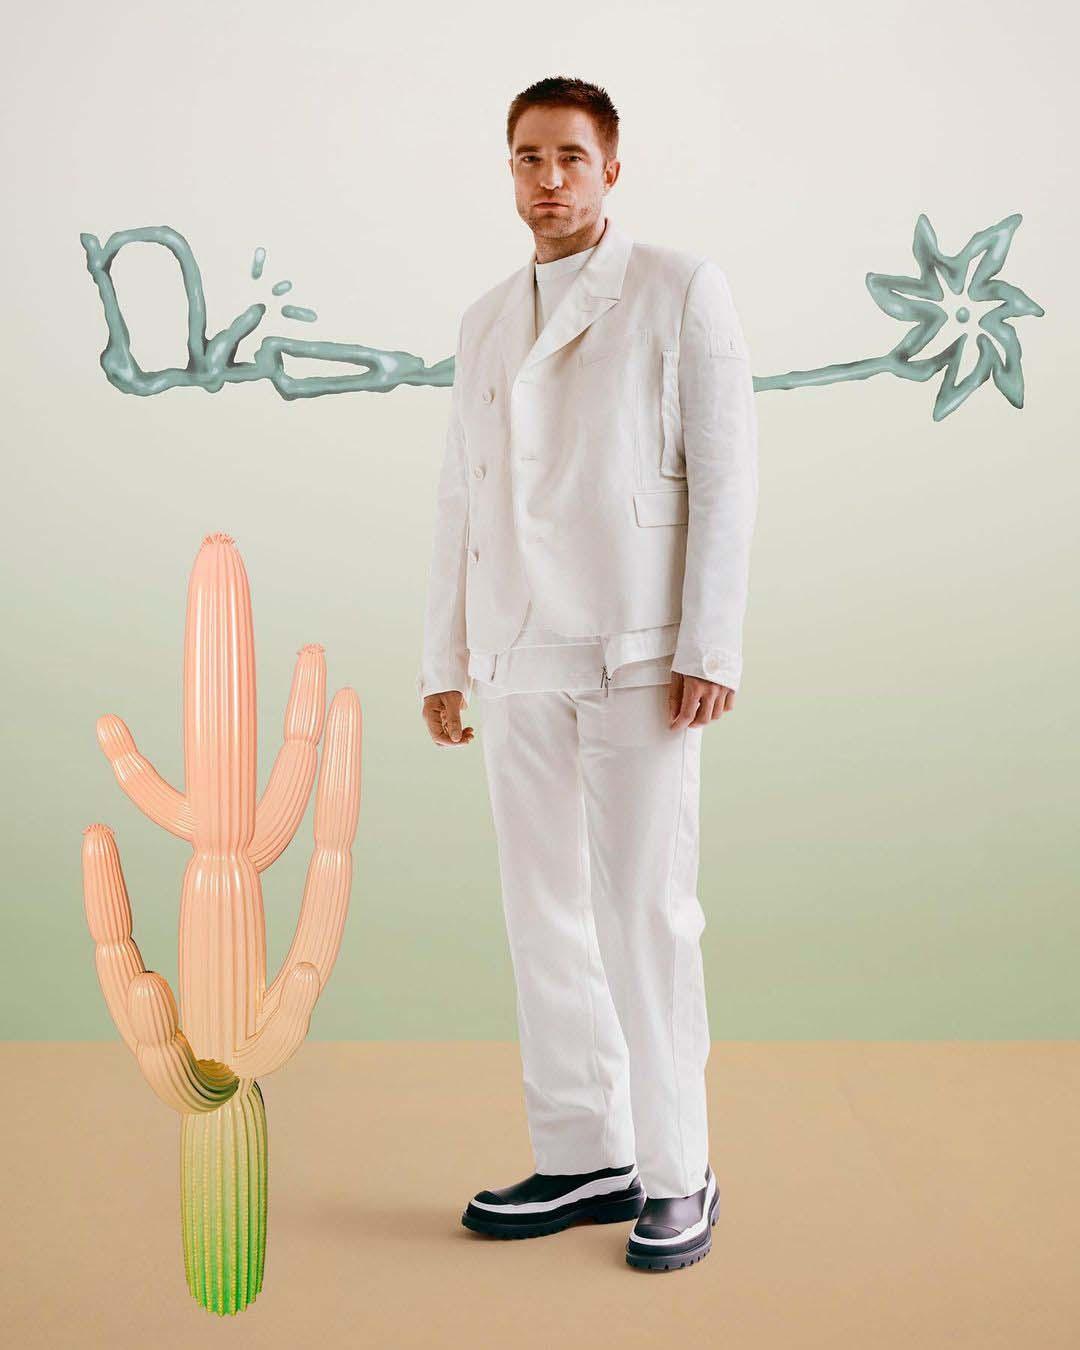 thời trang robert-pattinson dior x Cactus Jack show